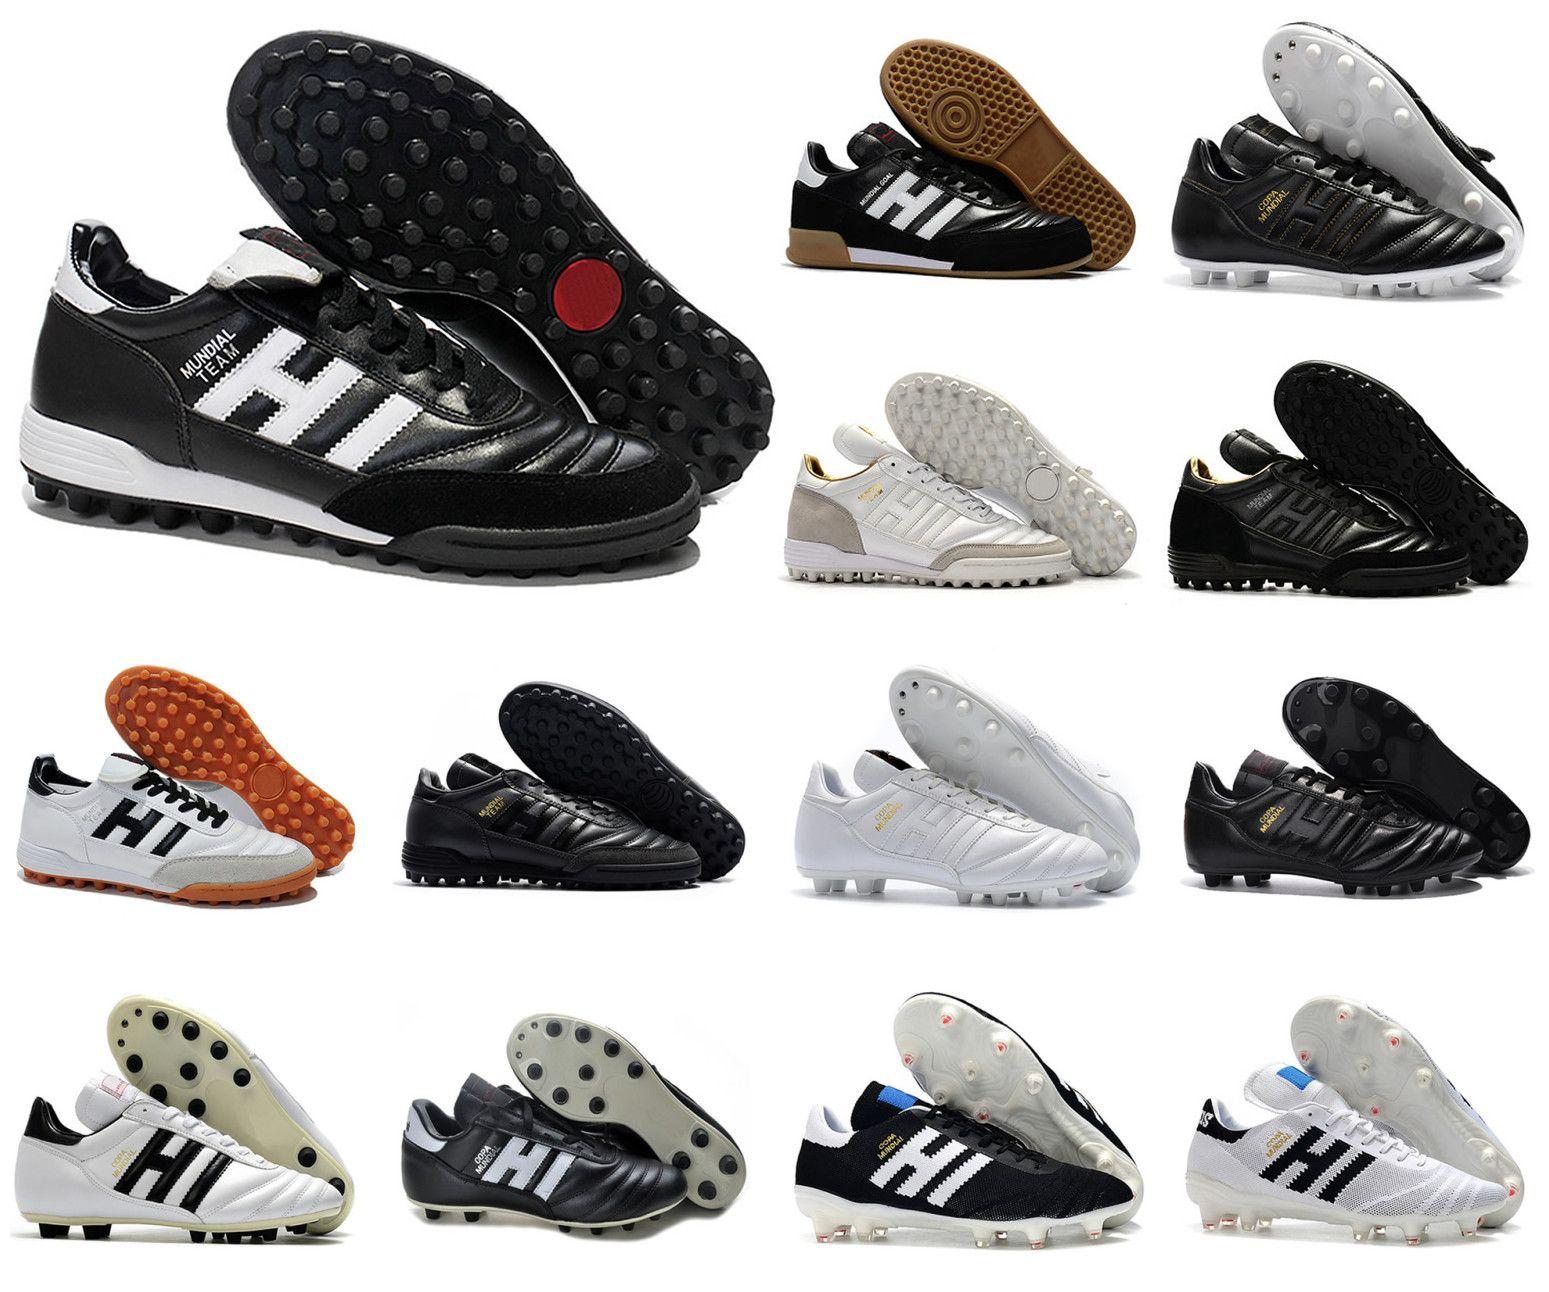 Classics Herren Mundial-Team Astro Moderne Craft TF GOAL INDOOR IN Copa Mundial Copa 70Y FG Fußball-Fußball-Schuh-Stiefel Klampen Größe 39-45